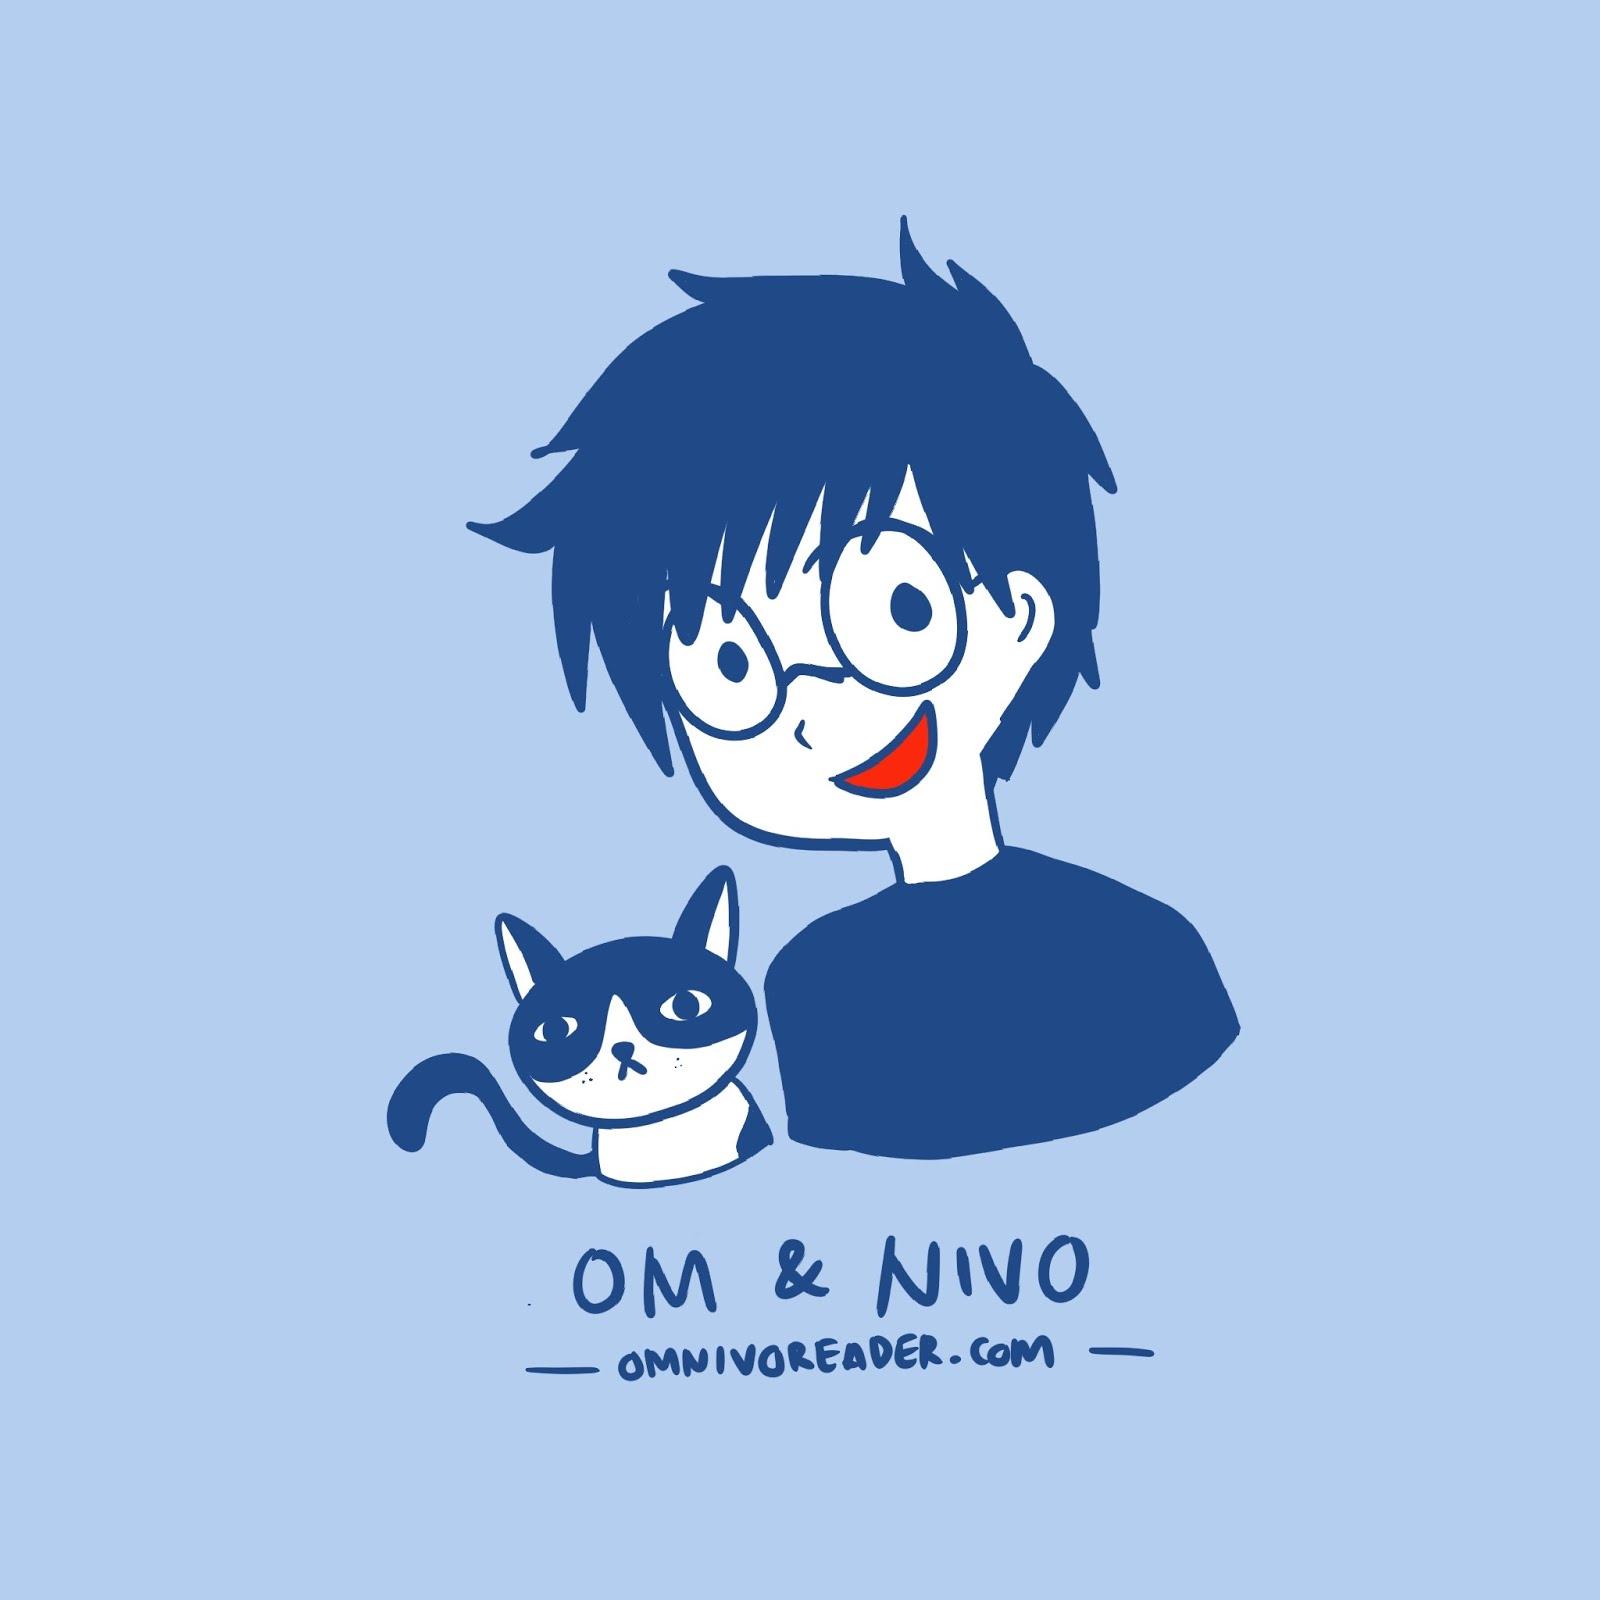 OM & NIVO